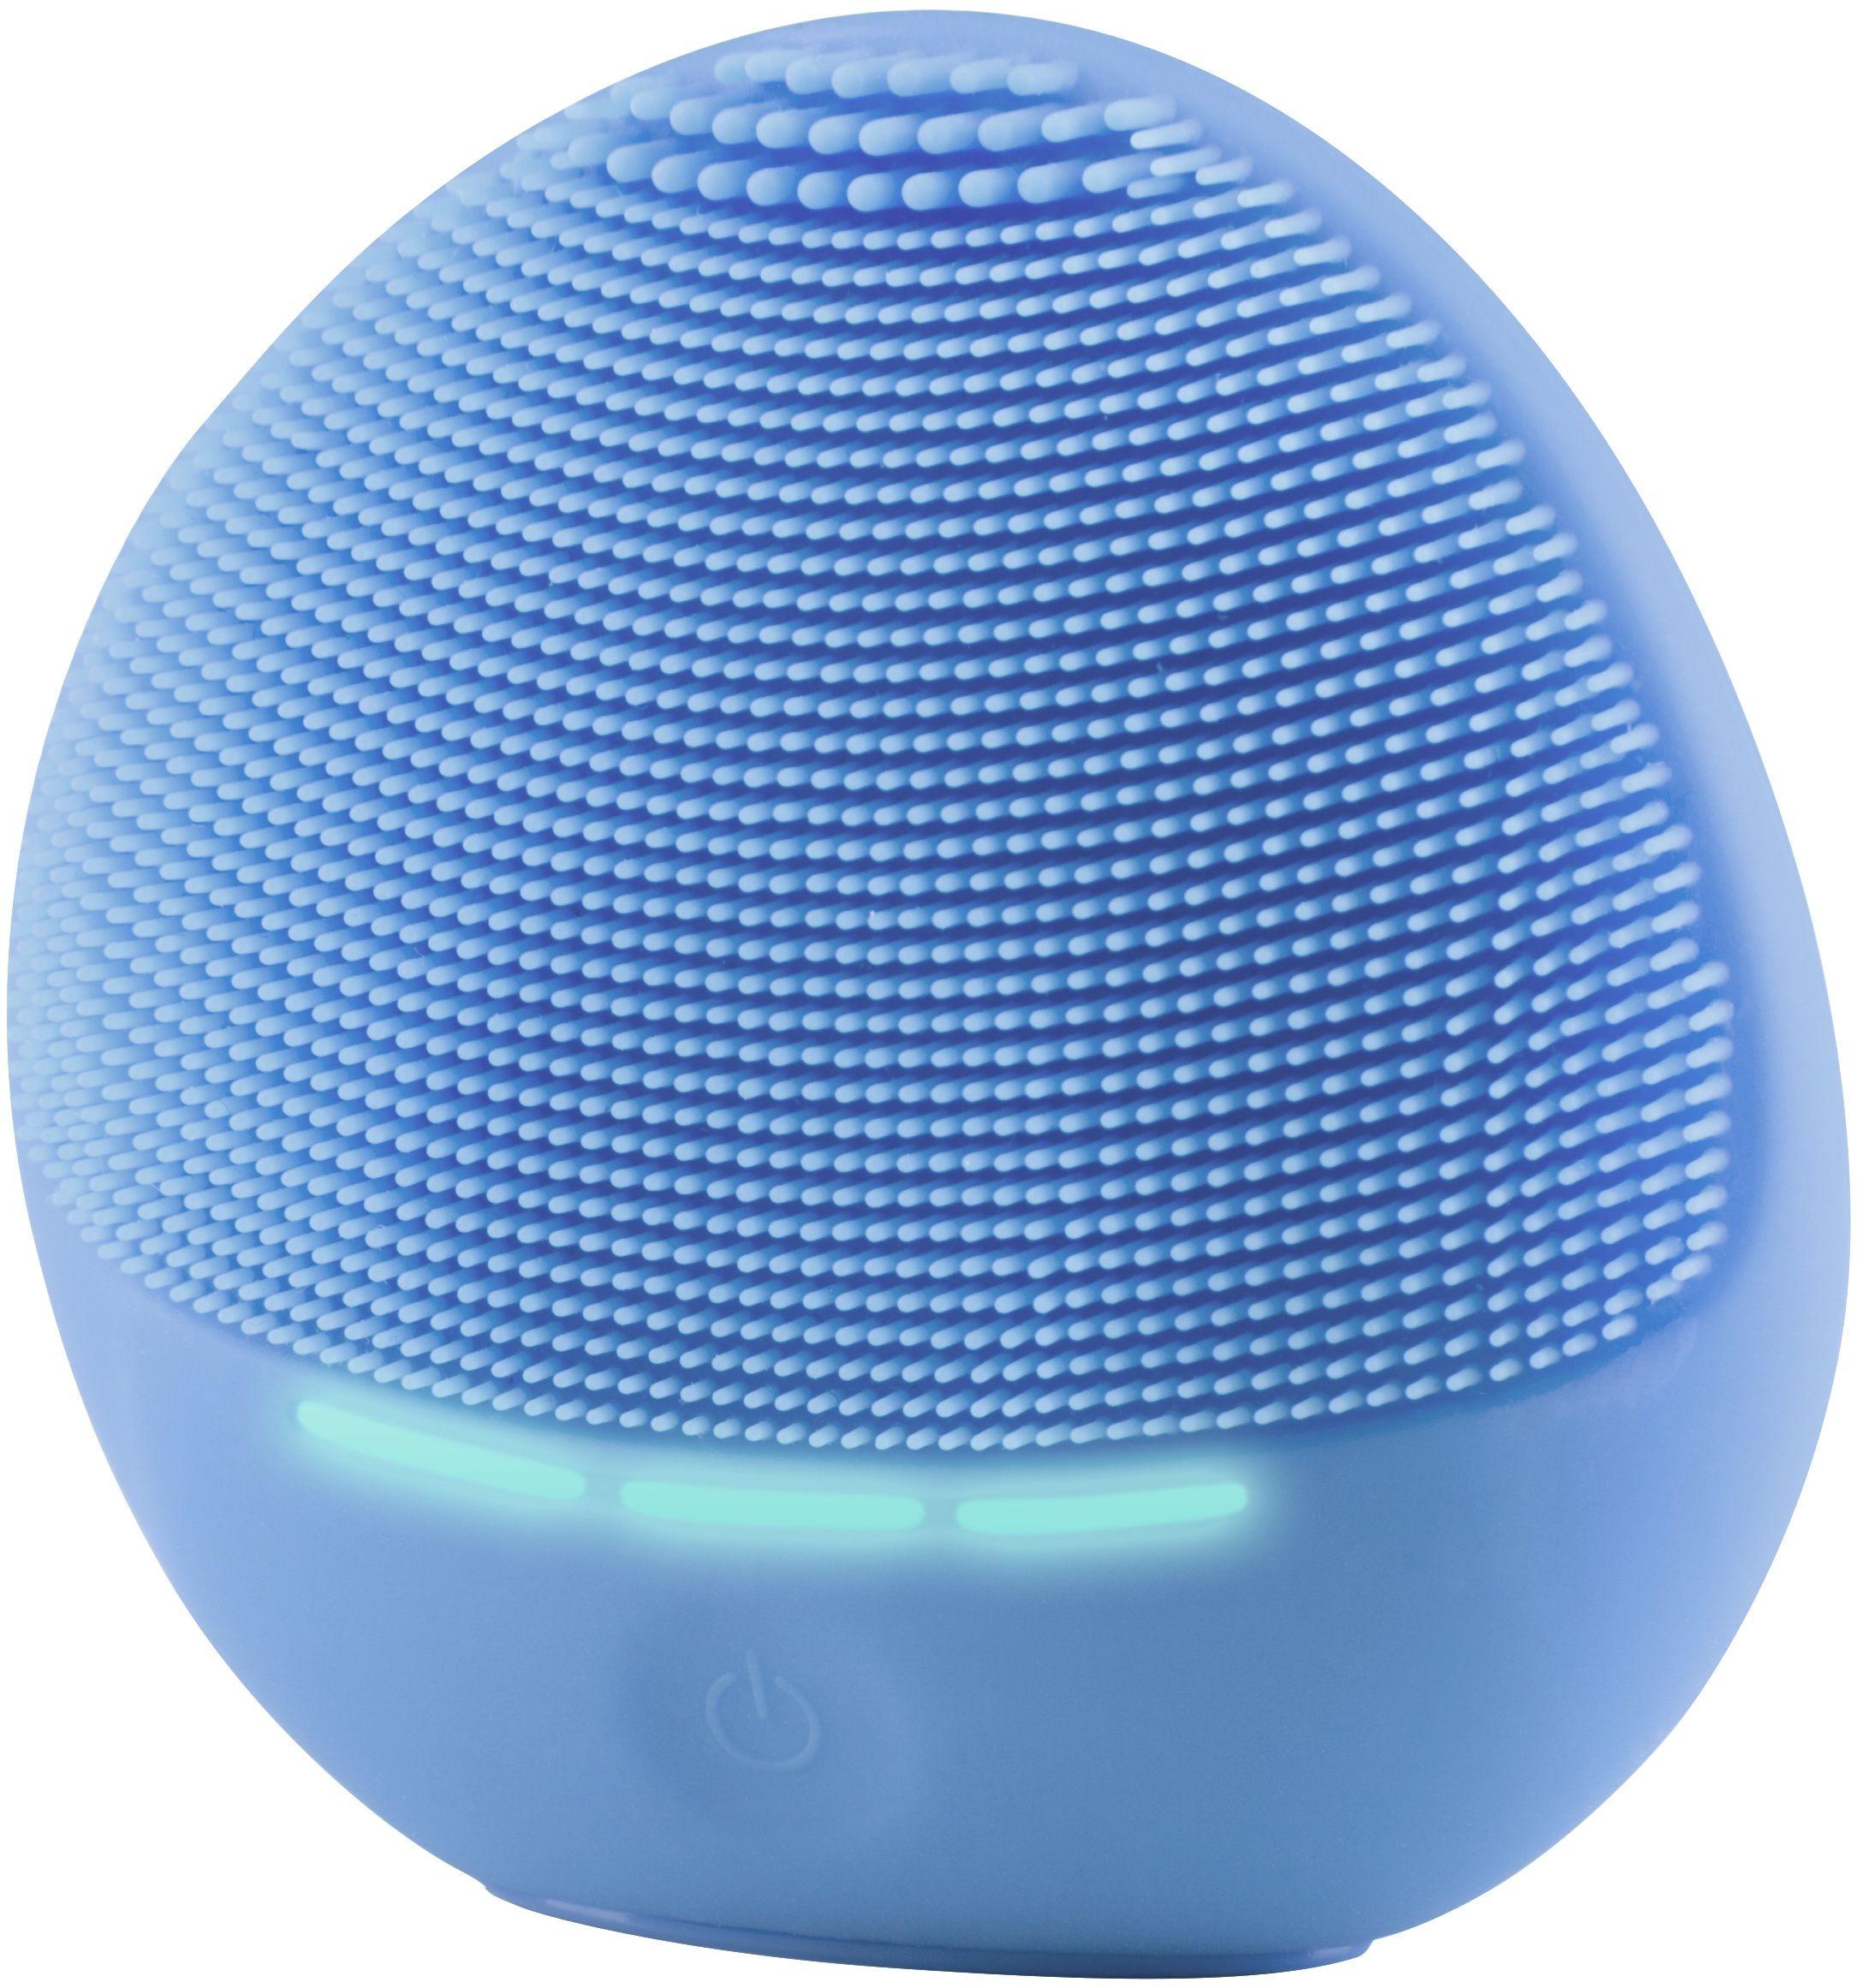 Szczoteczka soniczna do twarzy BEAUTIFLY B-Pure Niebieski DARMOWY TRANSPORT! Raty 0%! Do marca nie płacisz!